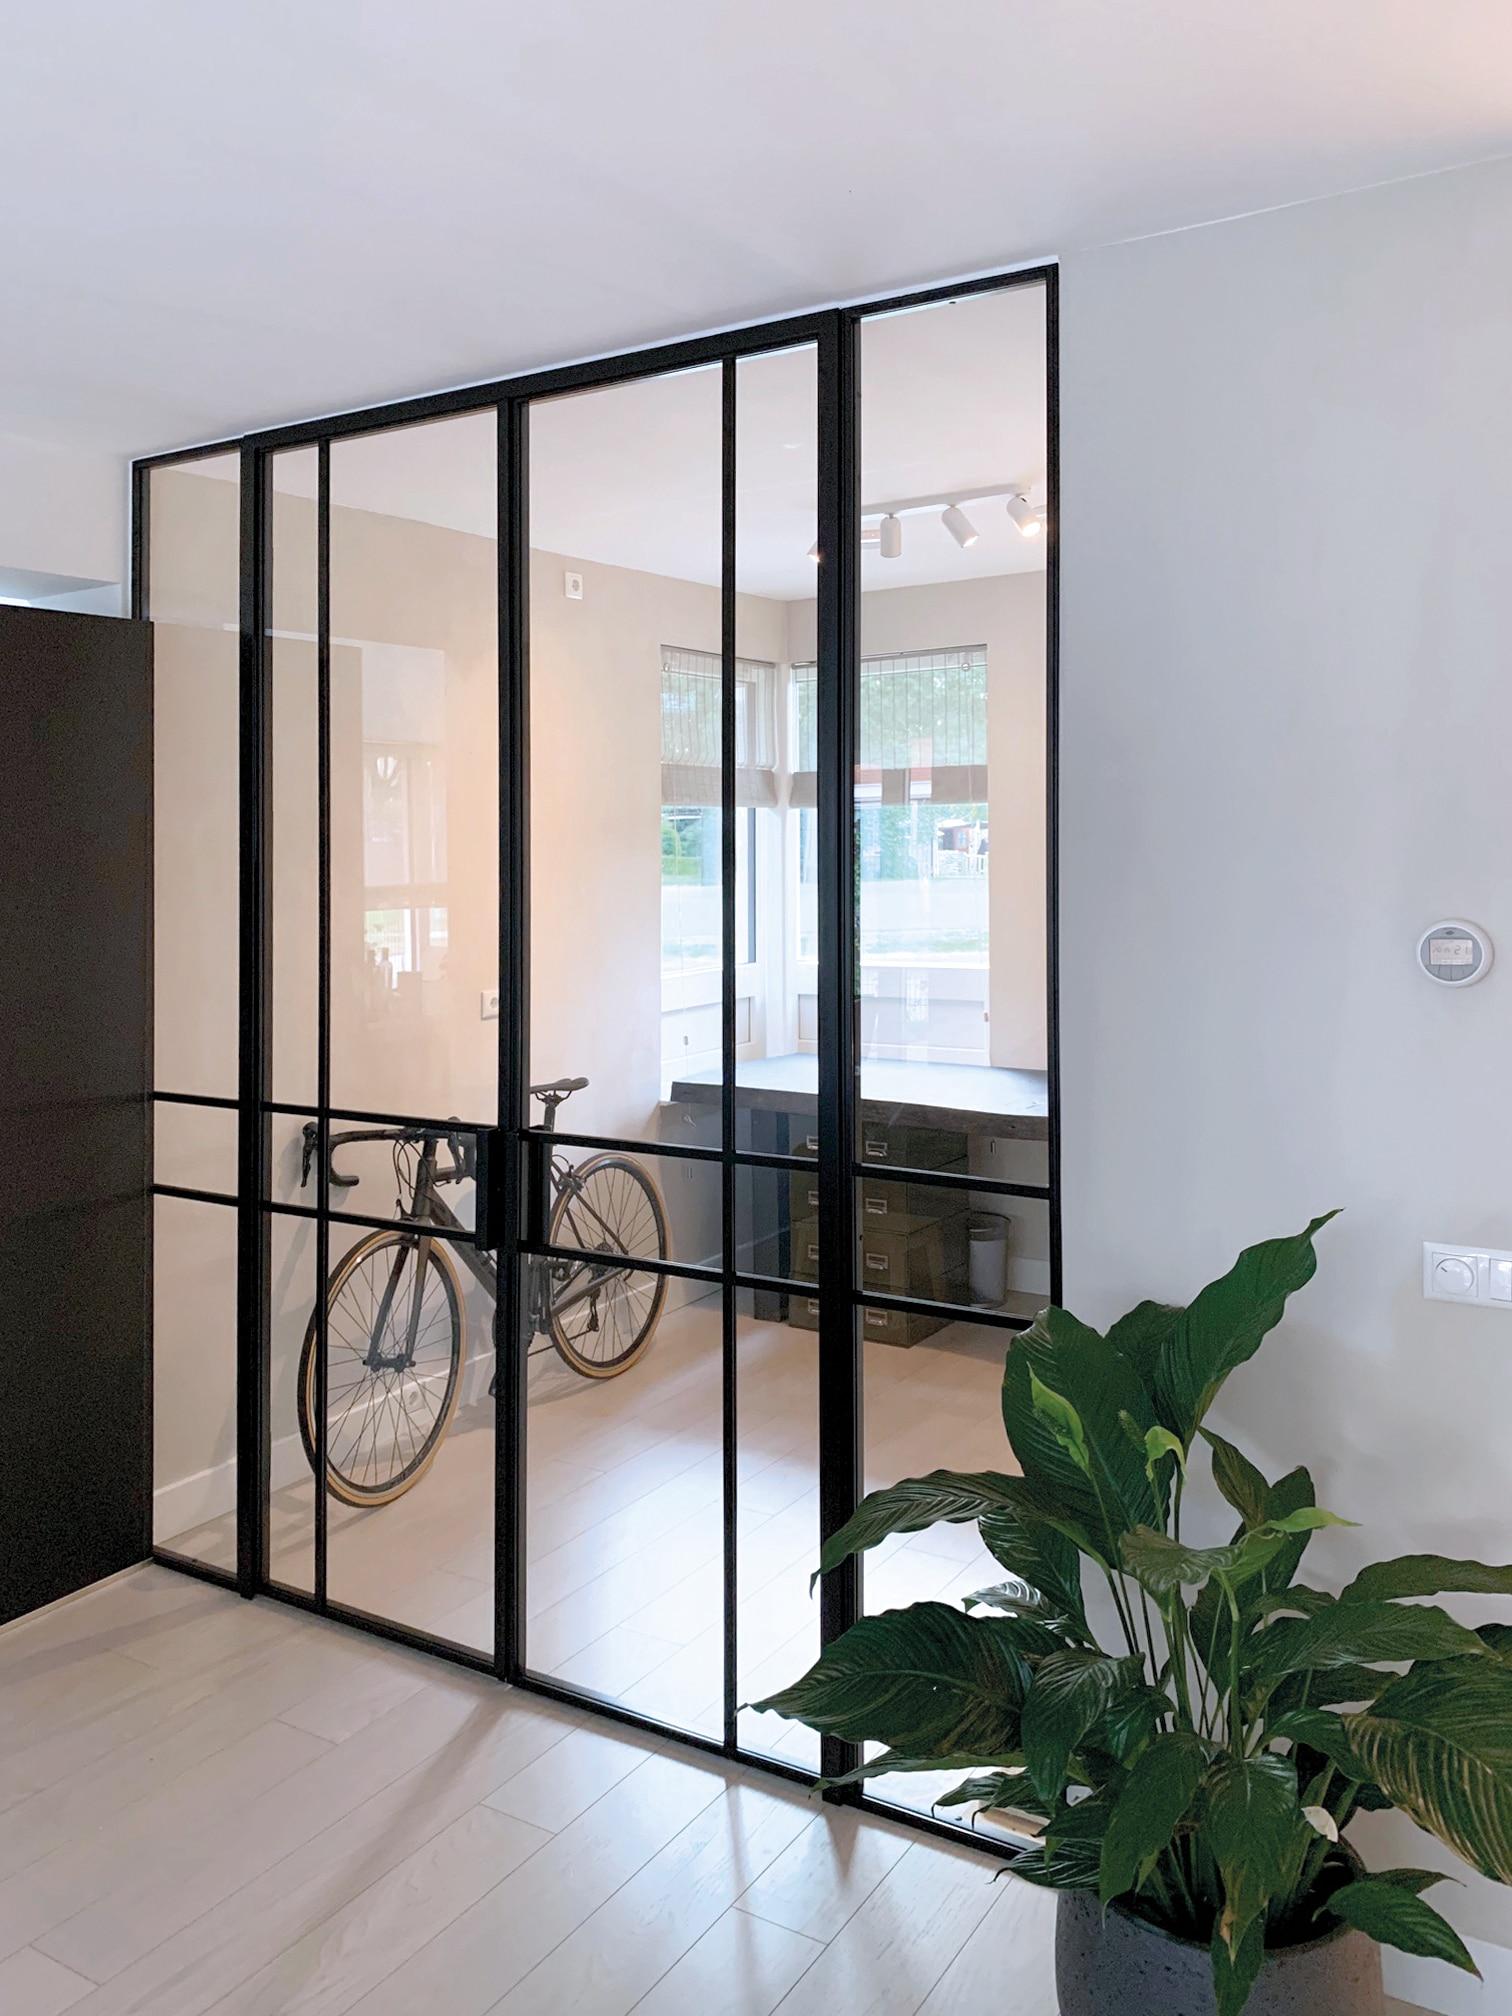 Stalen roomdivider met glas tussen woonkamer en kantoor